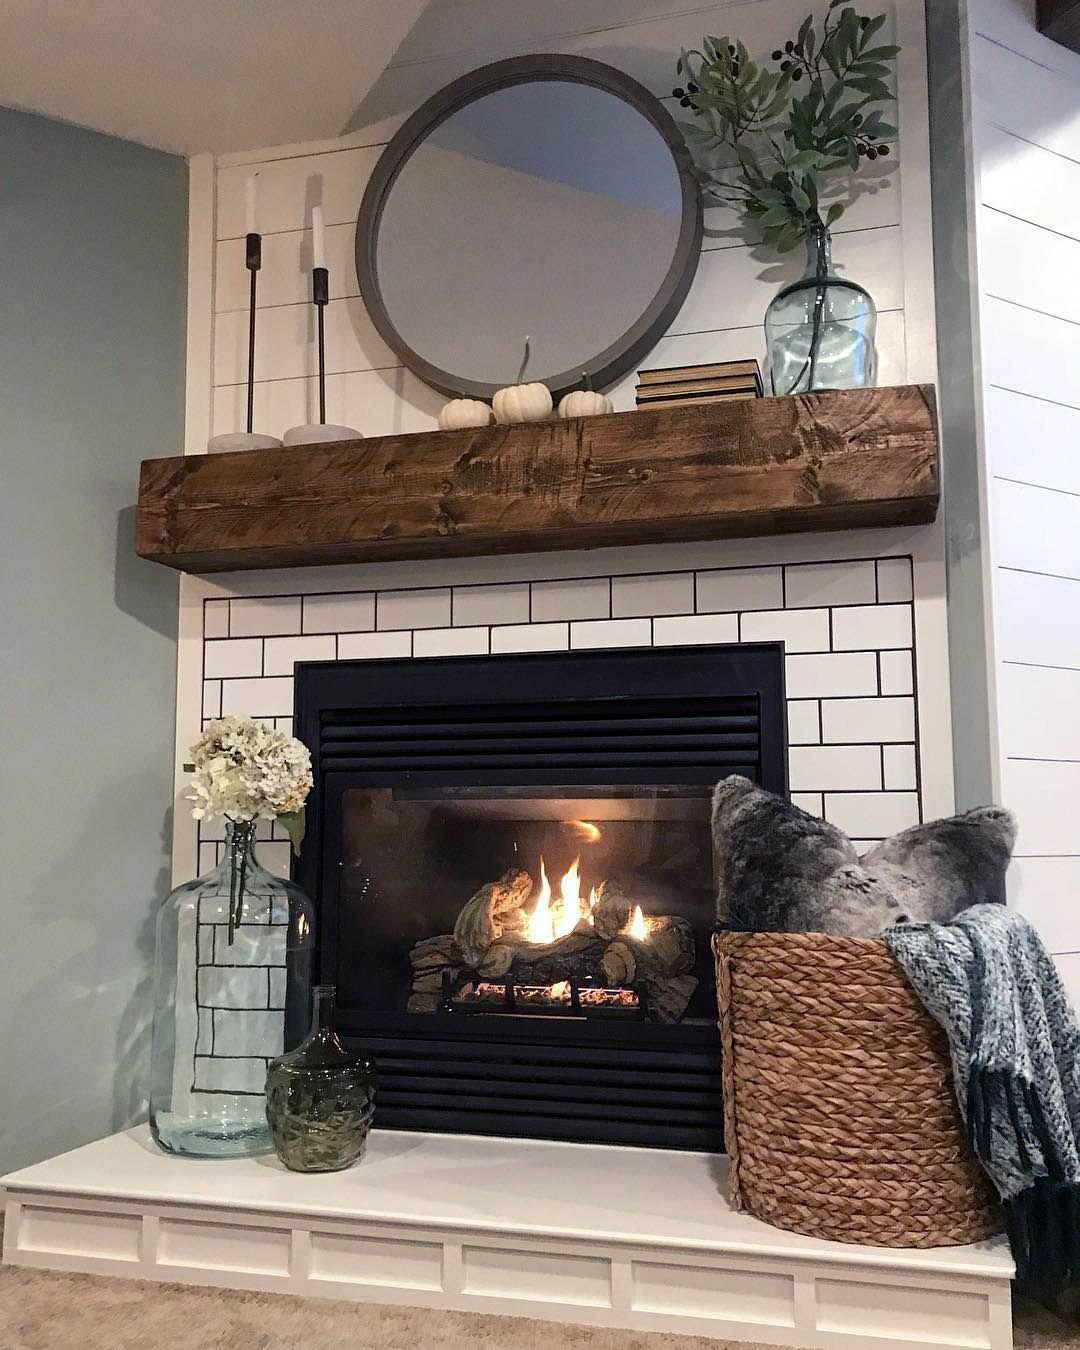 Unique Mantel for Fireplace